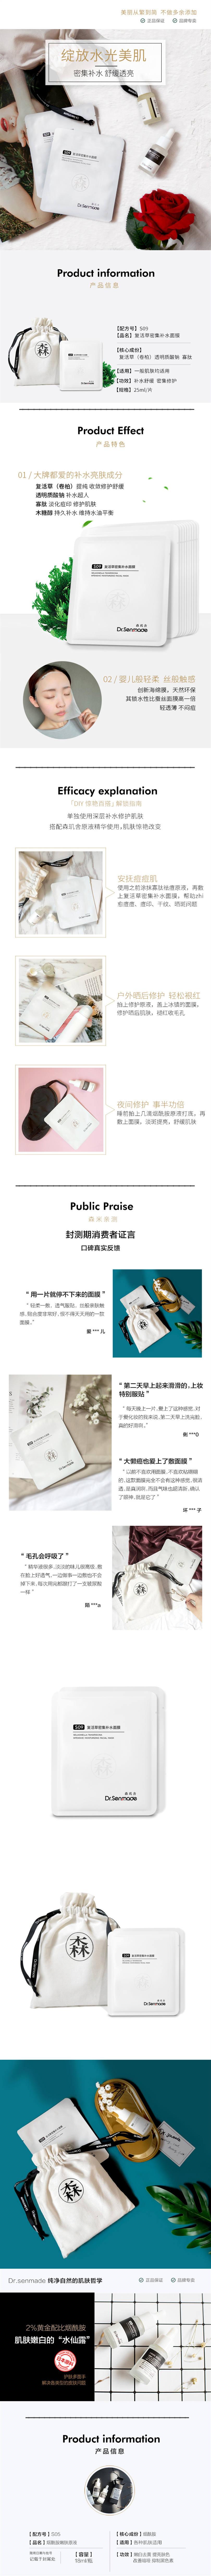 https://xiaoba.shall-buy.com/attachment/images/13937/2019/07/OFE7e0a159eh79ZJZaO7eU3798eU93.jpg